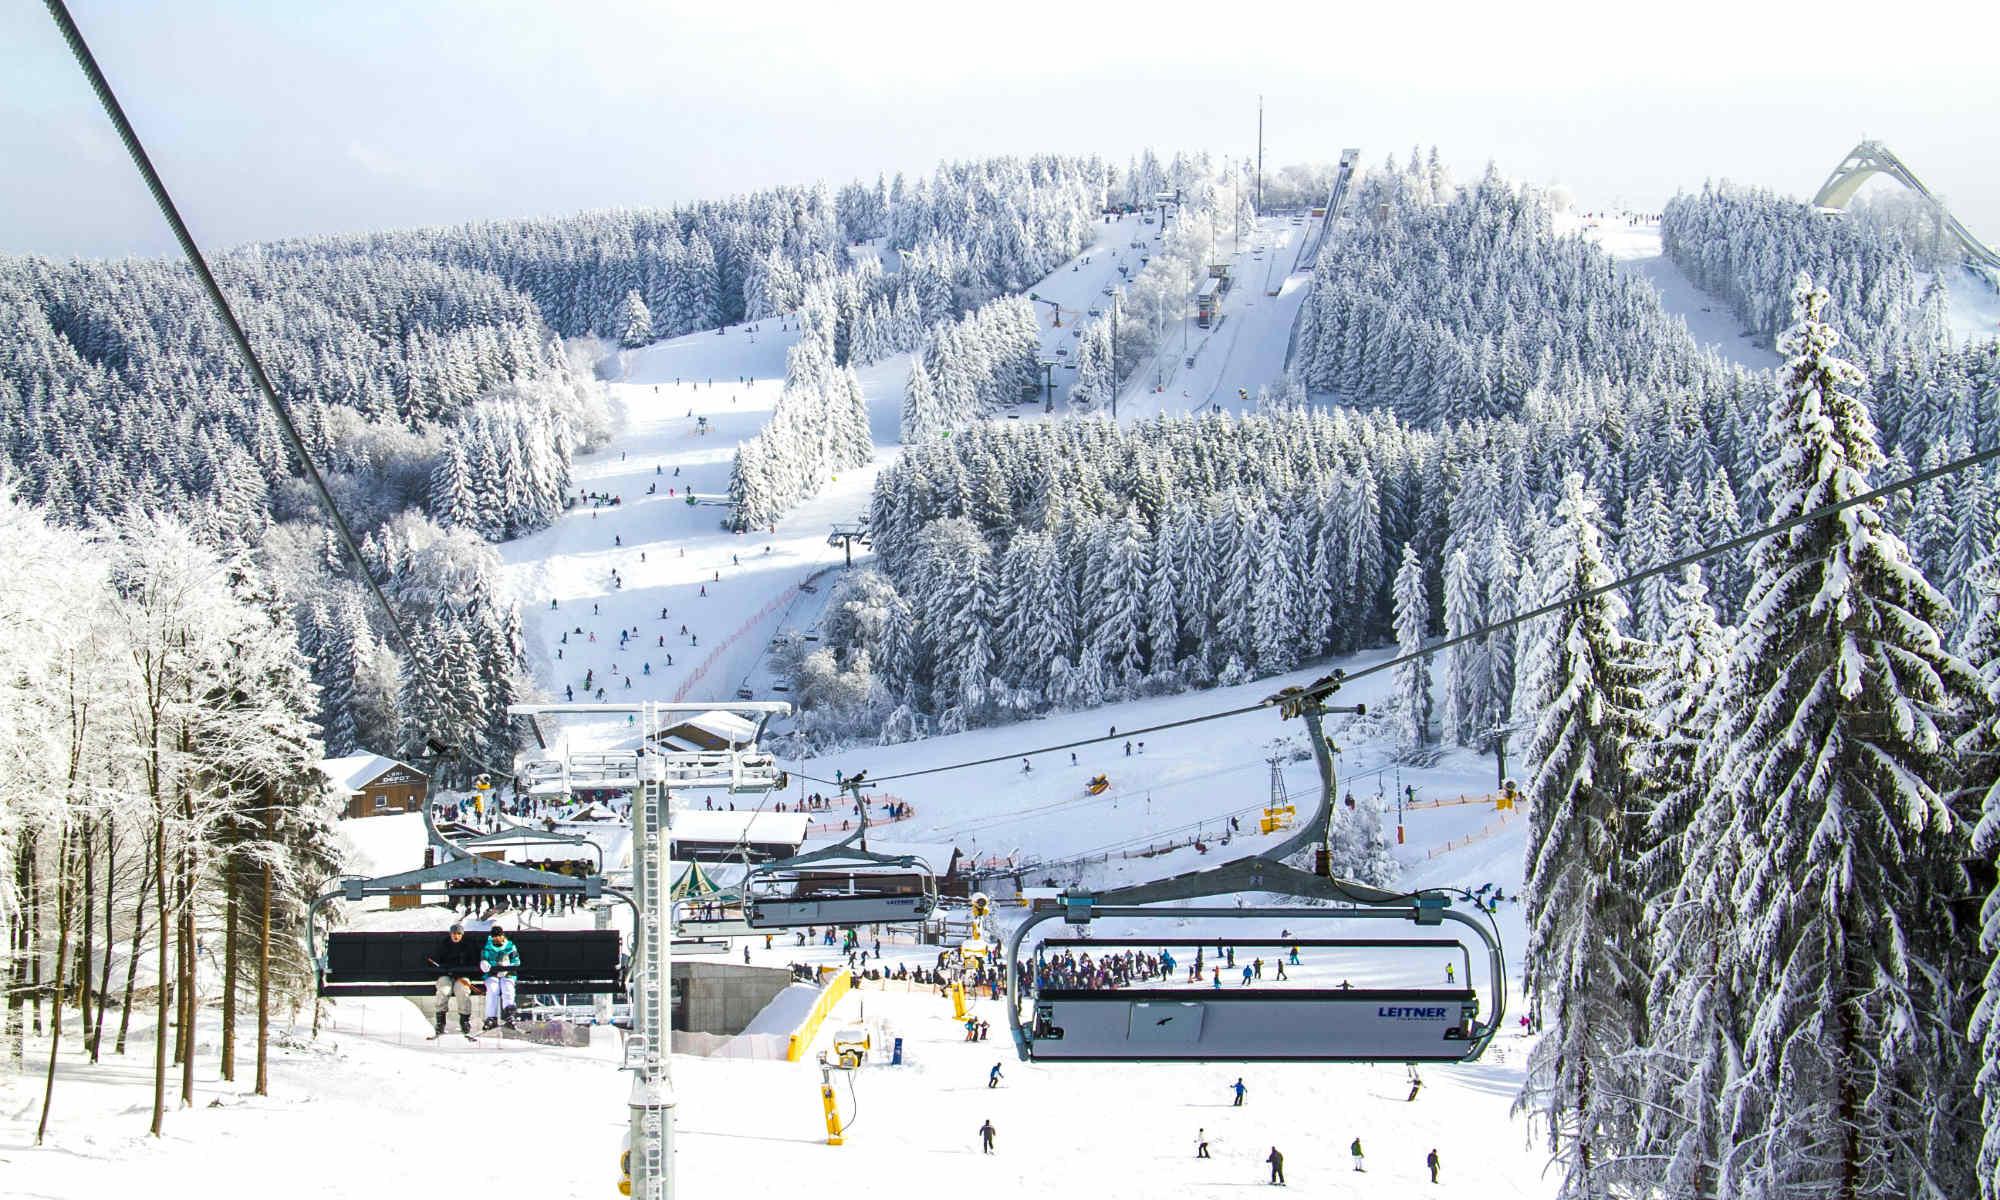 Tijdens de wintersport in Duitsland hebben skiërs een prachtig uitzicht op een winters landschap vanuit de skilift in Winterberg.